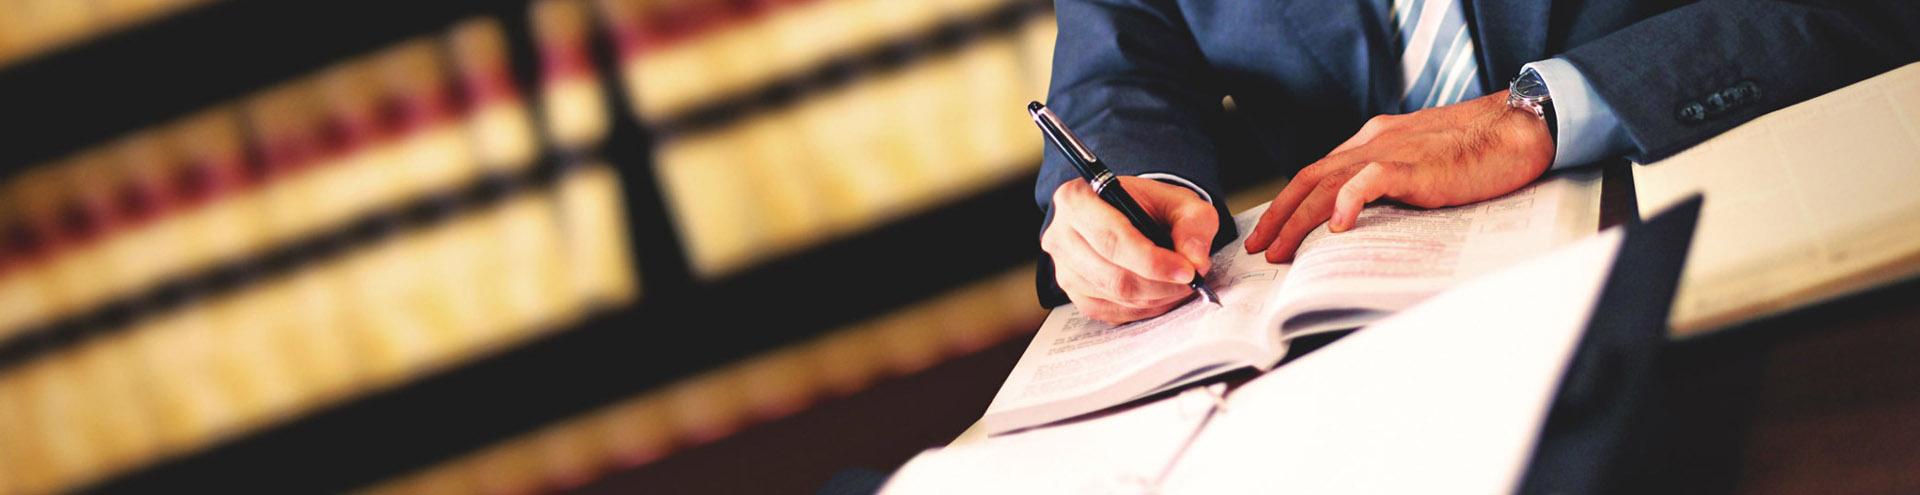 Адвокат по административным делам в Оренбурге и Оренбургской области